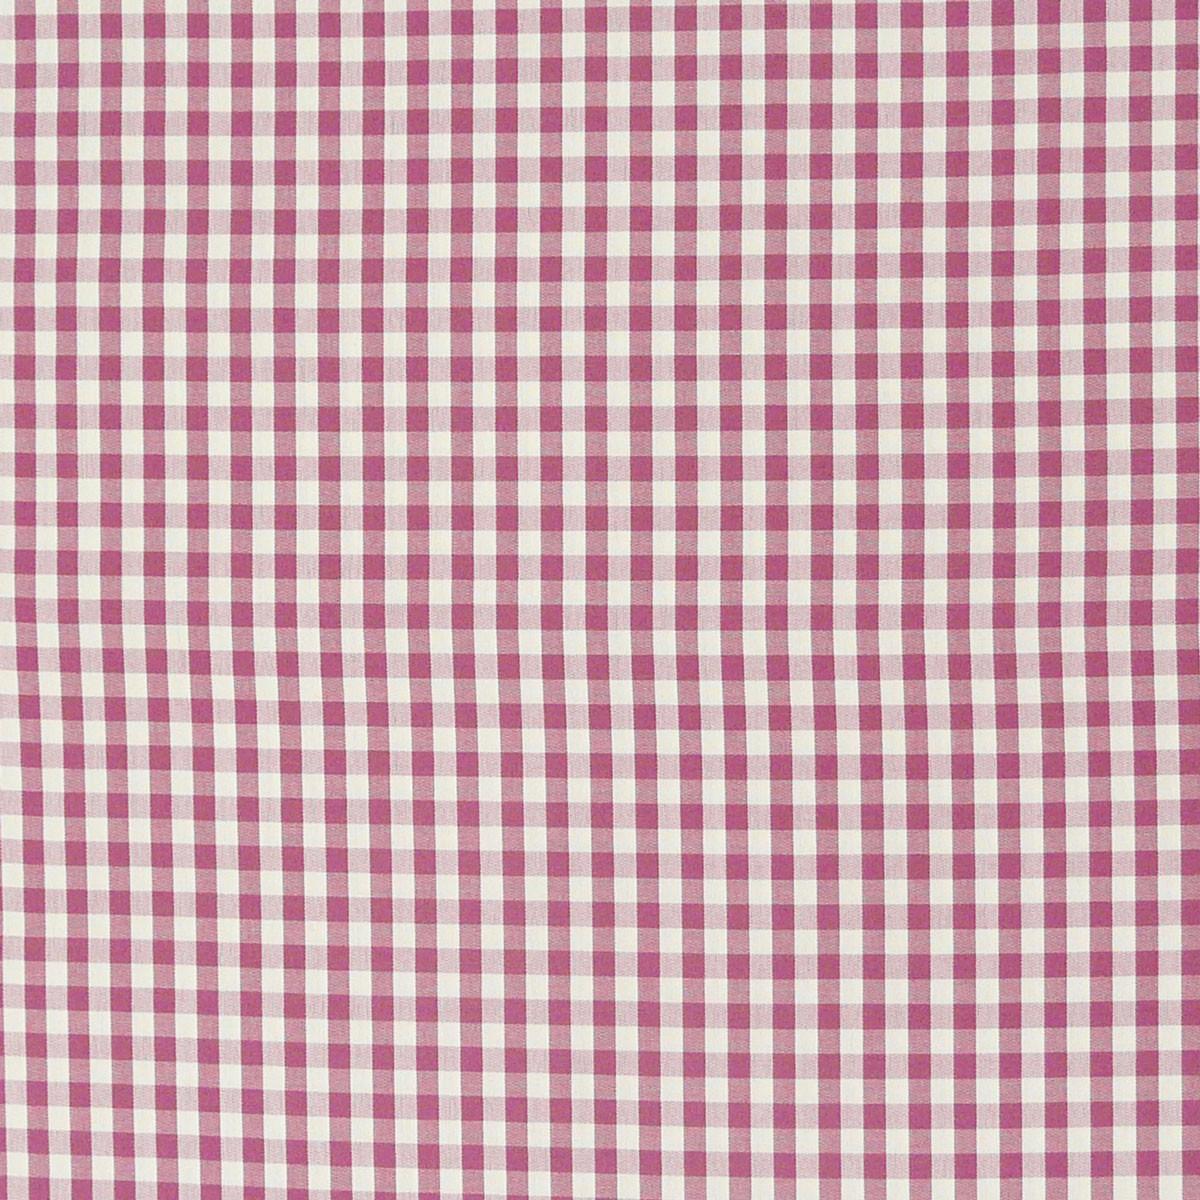 gardinenstoff stoff dekostoff meterware kariert rosa beere wei karo1cm stoffe wohnstoffe dekostoffe. Black Bedroom Furniture Sets. Home Design Ideas